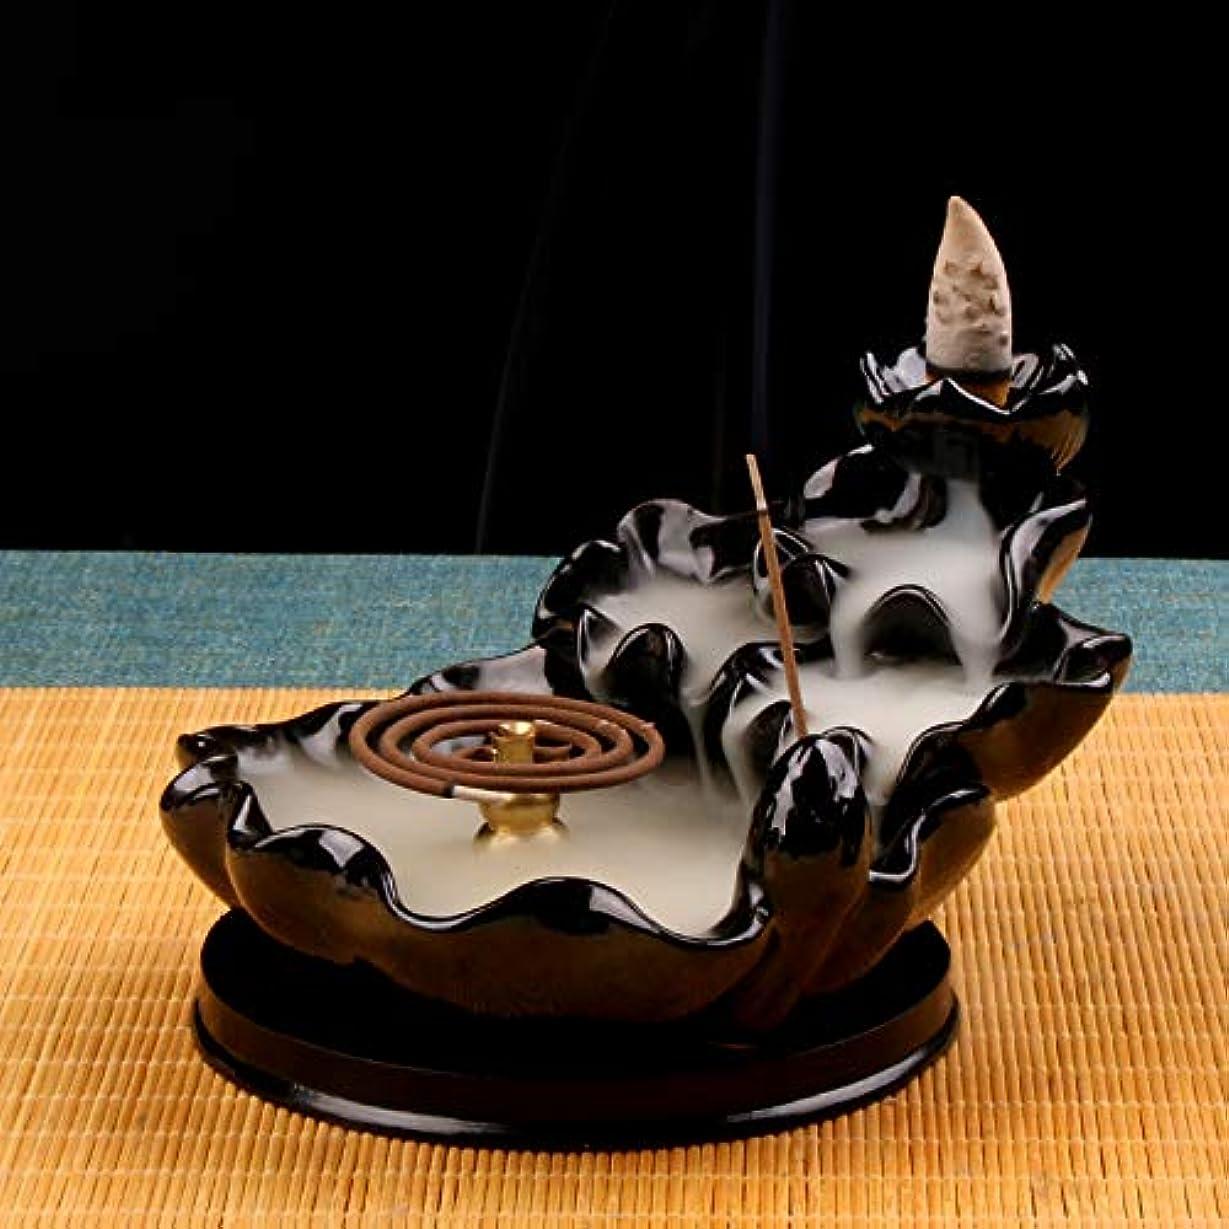 エキスパート通りスリンク(Style4) - Backflow Incense Burner Buddha monk and Moon Ceramic Censer for Home Decor Tea ceremony (Style4)